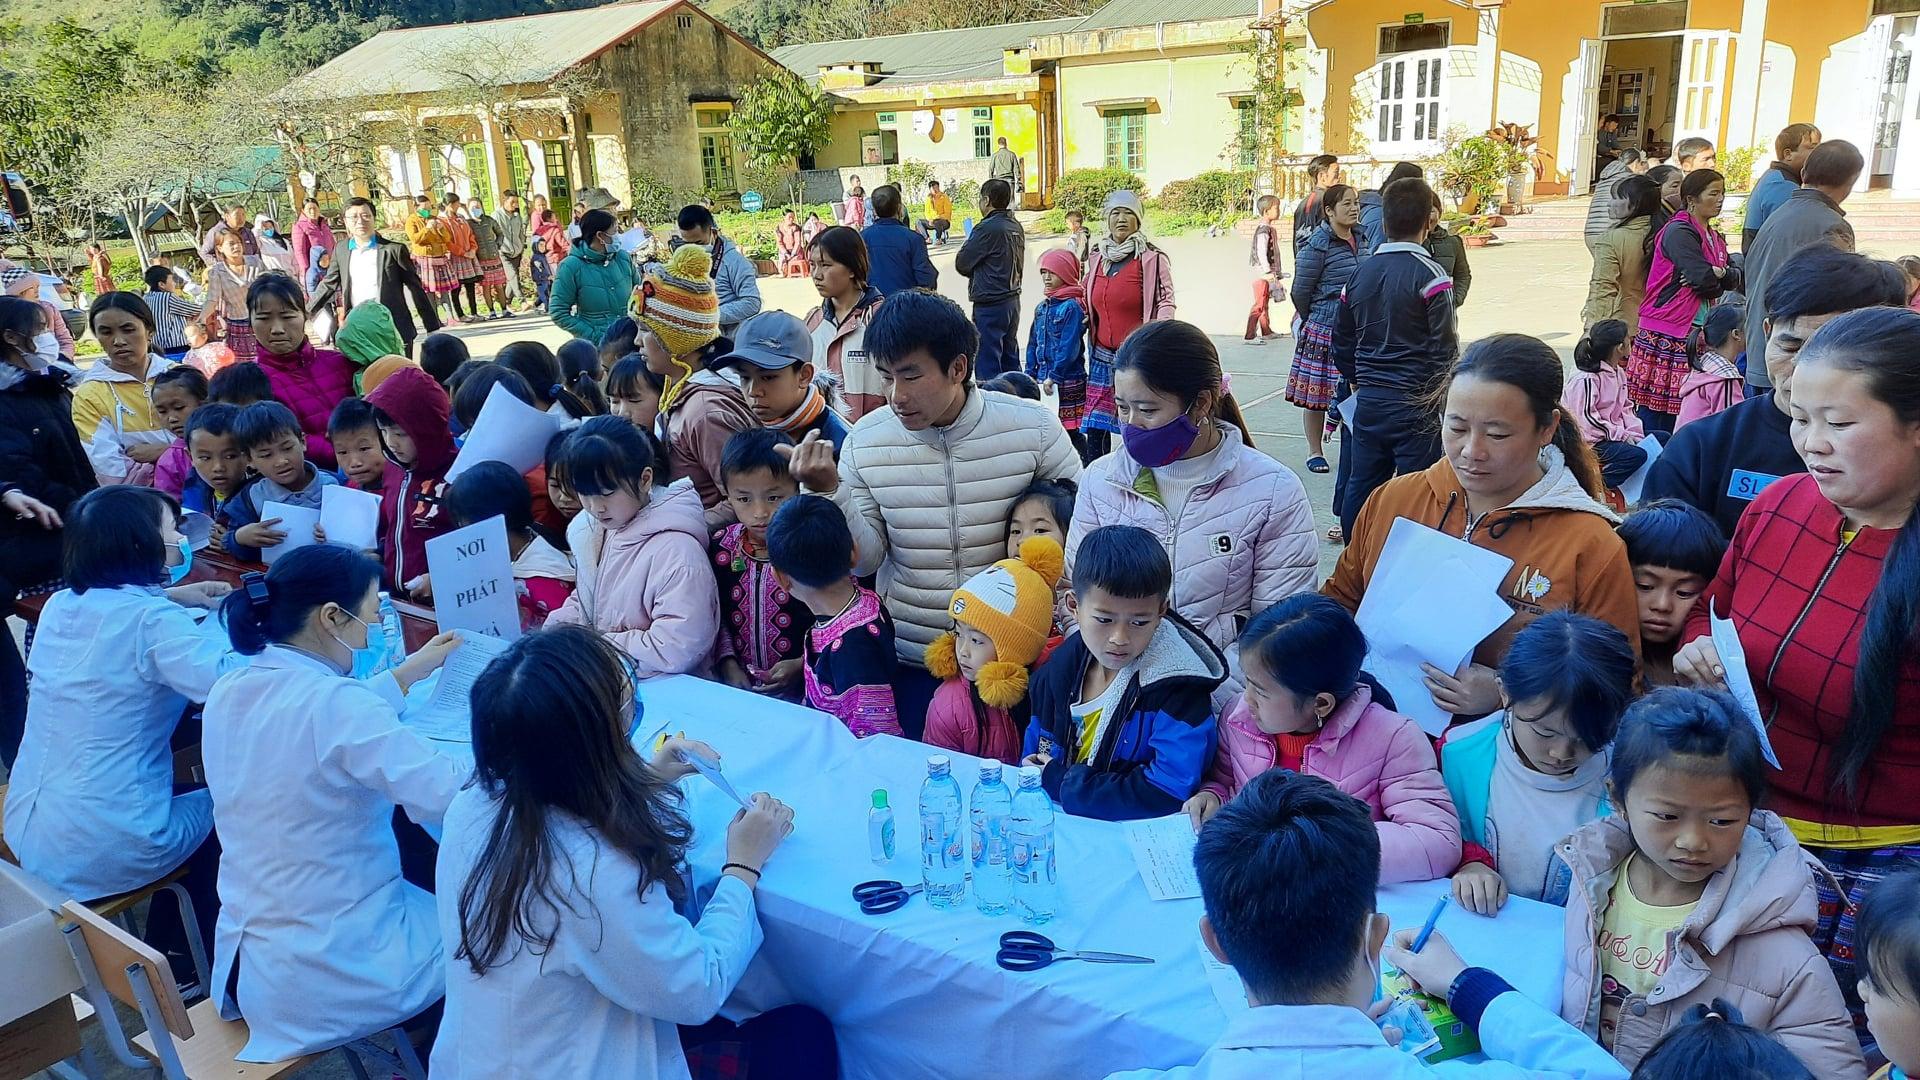 Việc chăm sóc sức khỏe cho người dân tại các xã, thôn đặc biệt khó khăn ngày càng được quan tâm, chăm lo